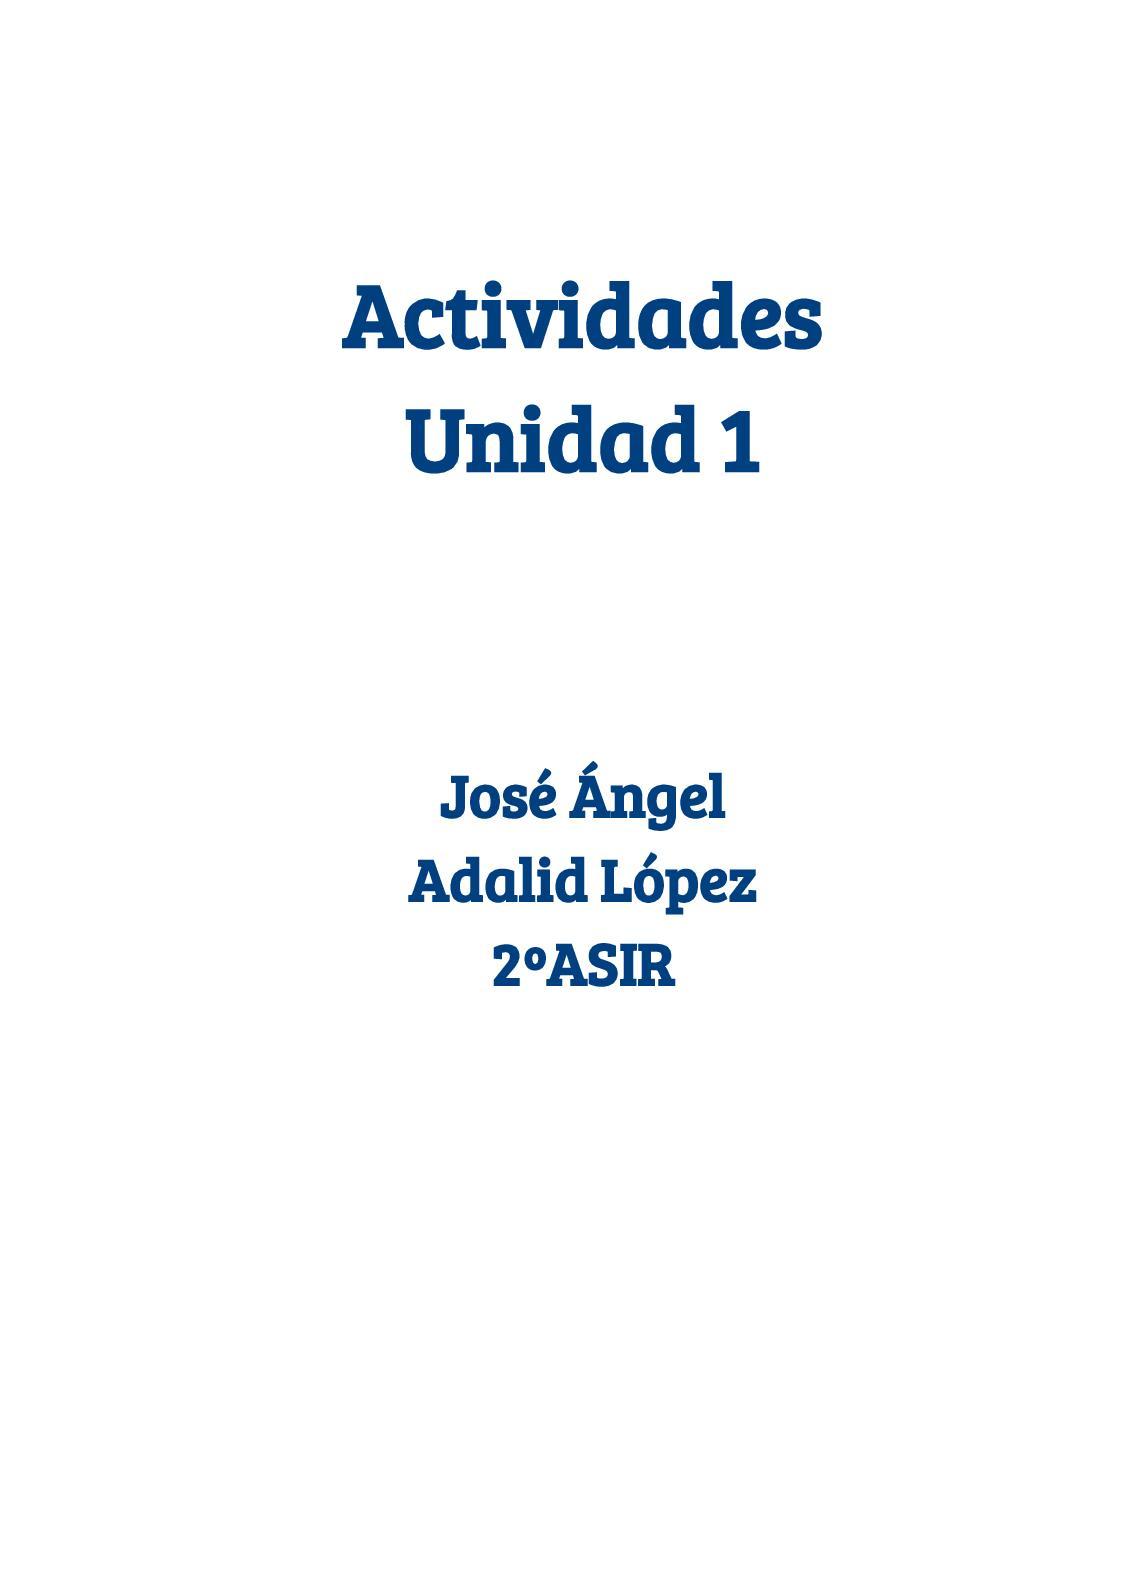 Actividades Unidad1 Jose Angel Adalid Lopez